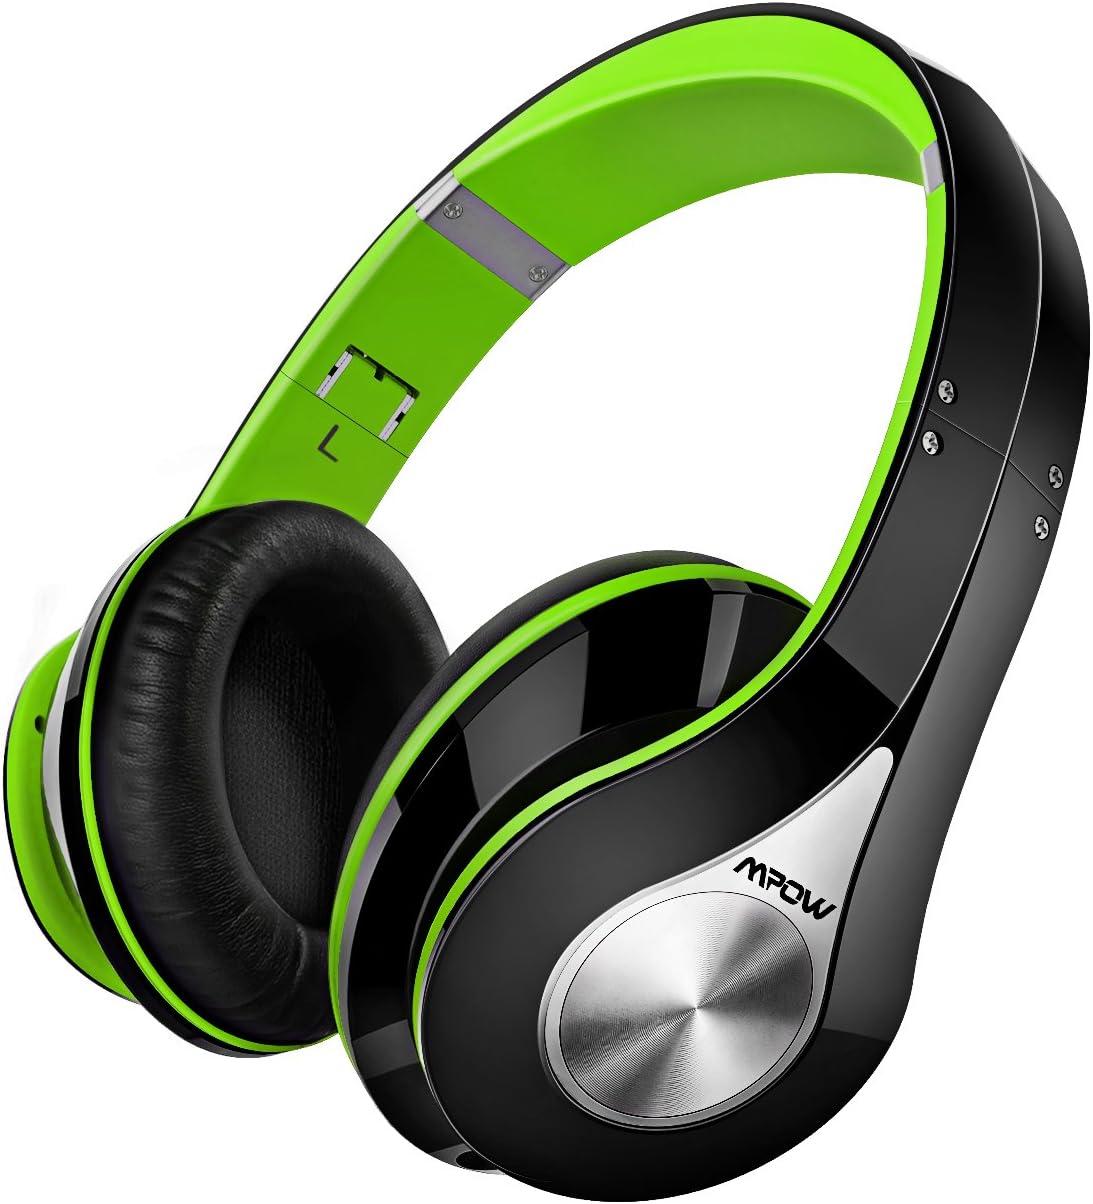 Mpow 059 Auriculares Diadema Bluetooth con Micrófono CVC 6.0, 25 hrs de Duración, Sonido Estéreo, Auriculares Diadema Inlámbricoa para TV, Cascos Bluetooth Diadema Plegable para Skype/PC/Móvil, Verde